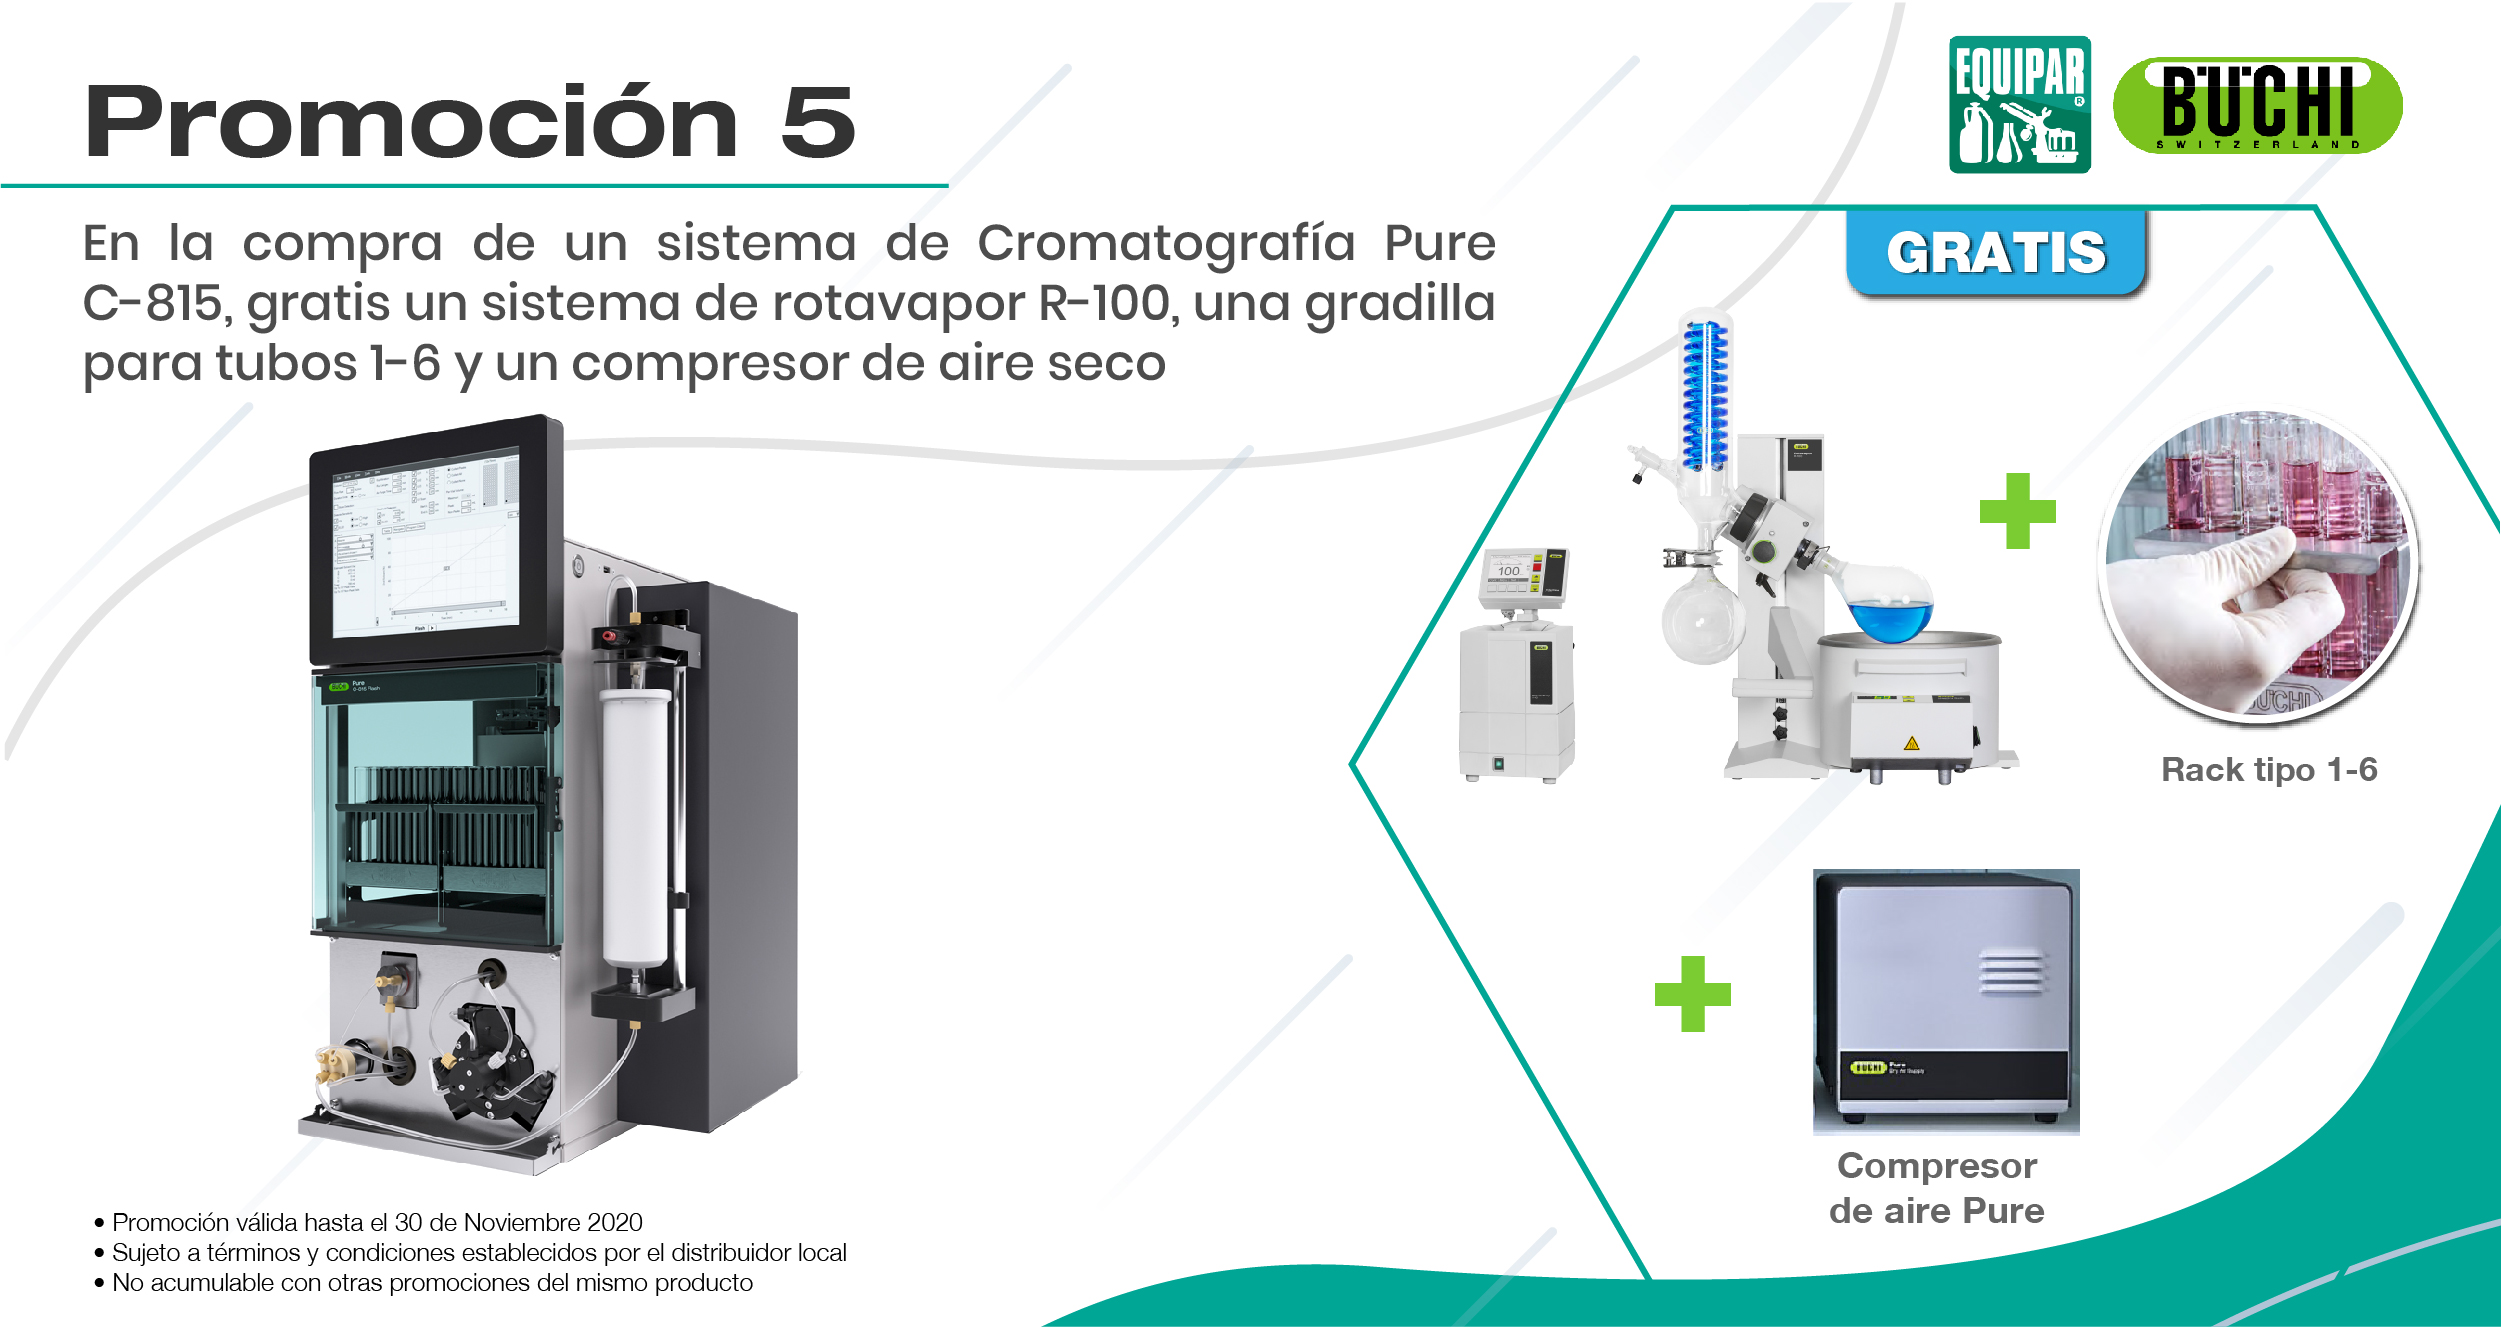 Cromatógrafo Pure C-815 Image